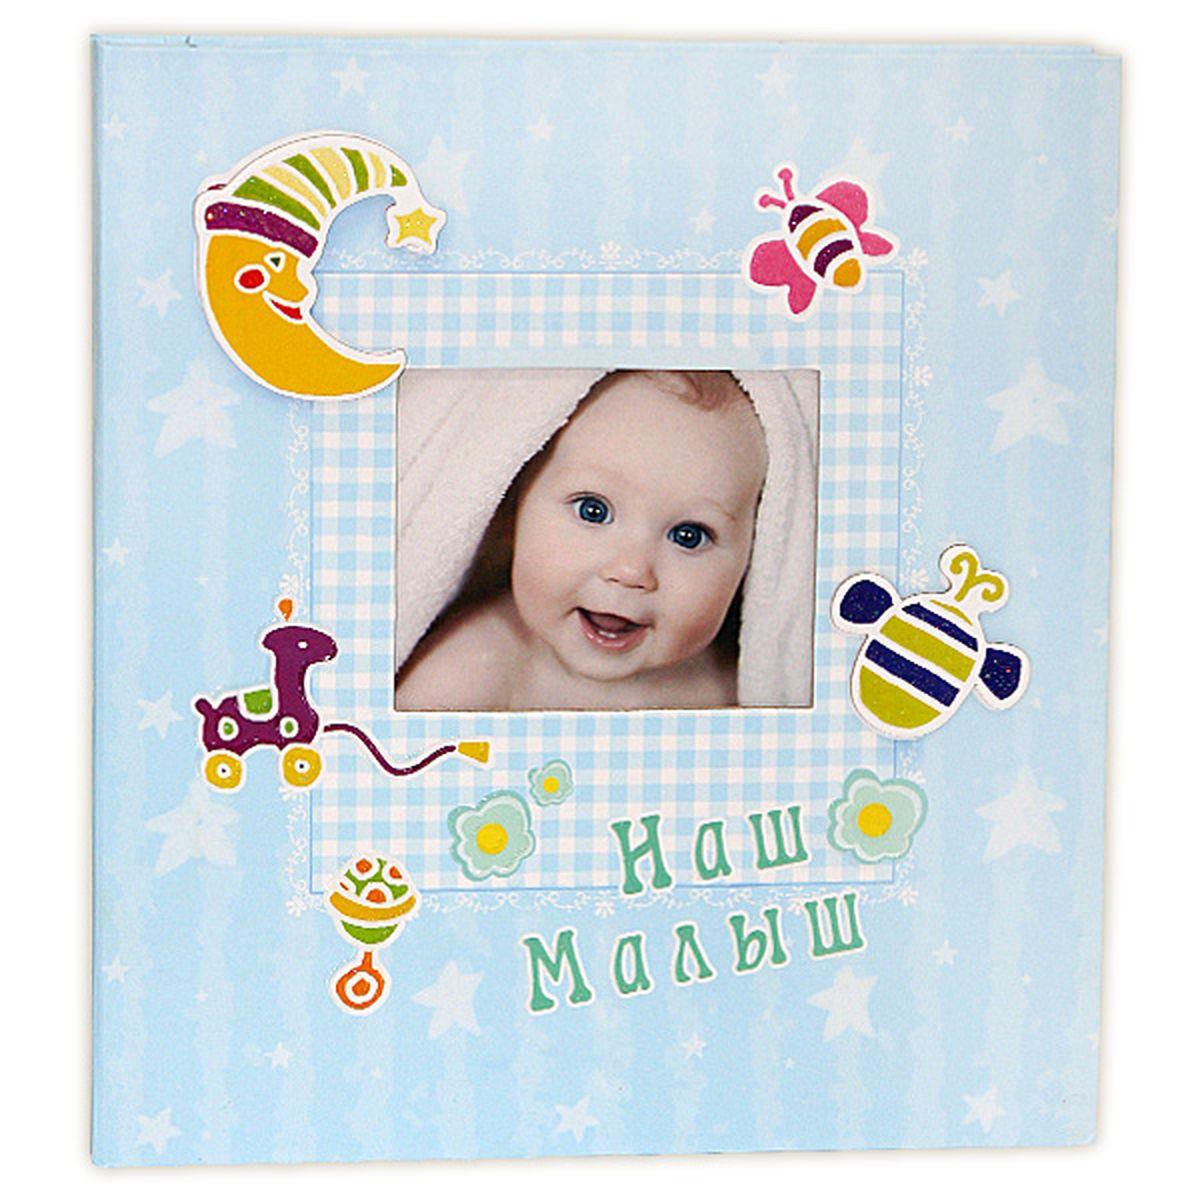 Фотокнига Pioneer Our Baby 6, цвет: голубой, 26 x 28 см46417 FAРазмер фотографий: 26x28 см.Цвет: голубой.